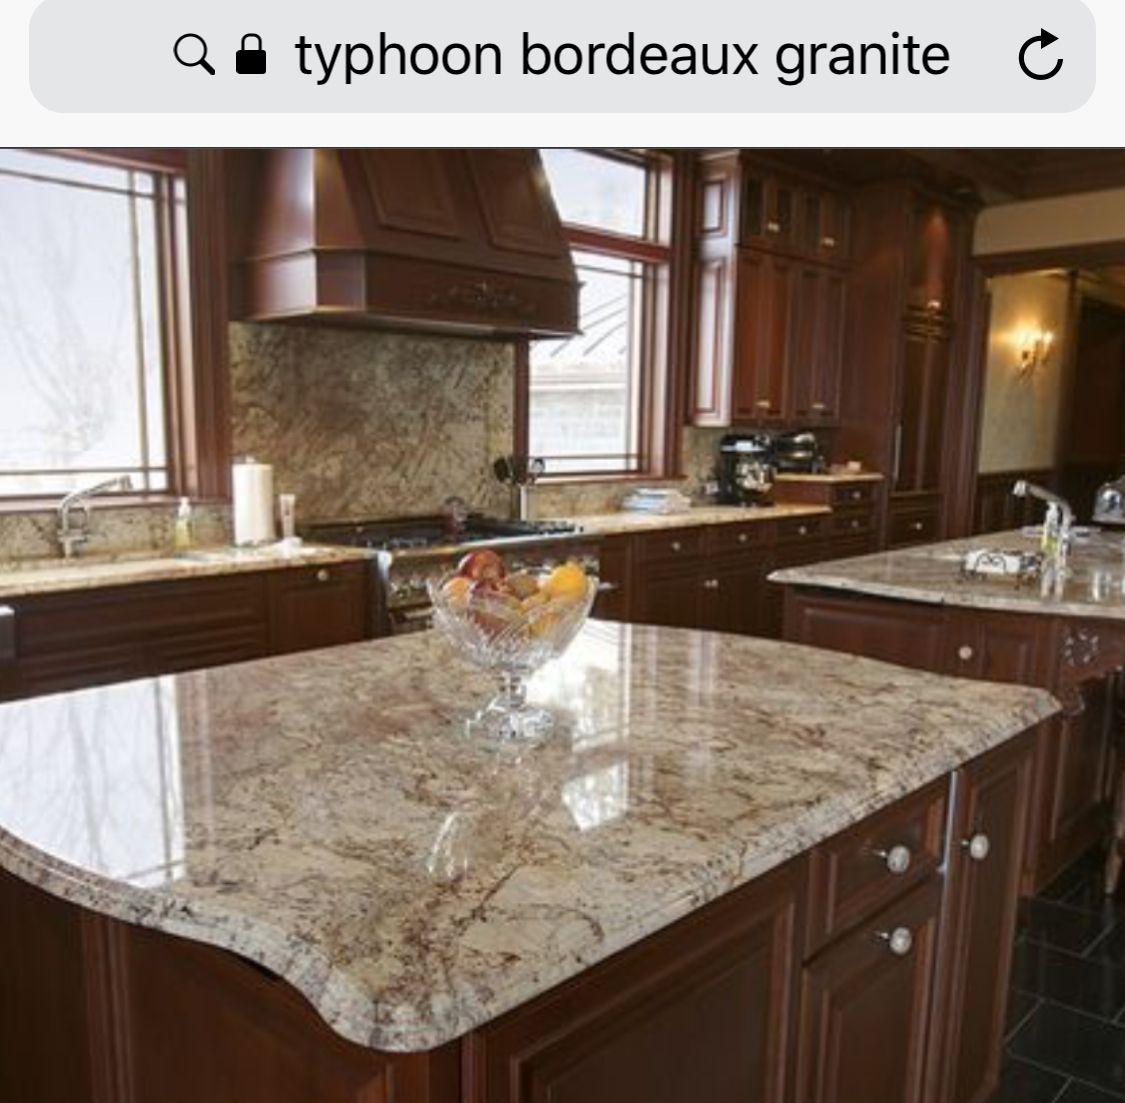 Pin By Rosella Nissen On Kitchens Modern Walnut Kitchen New Kitchen Cabinets Granite Countertops Kitchen